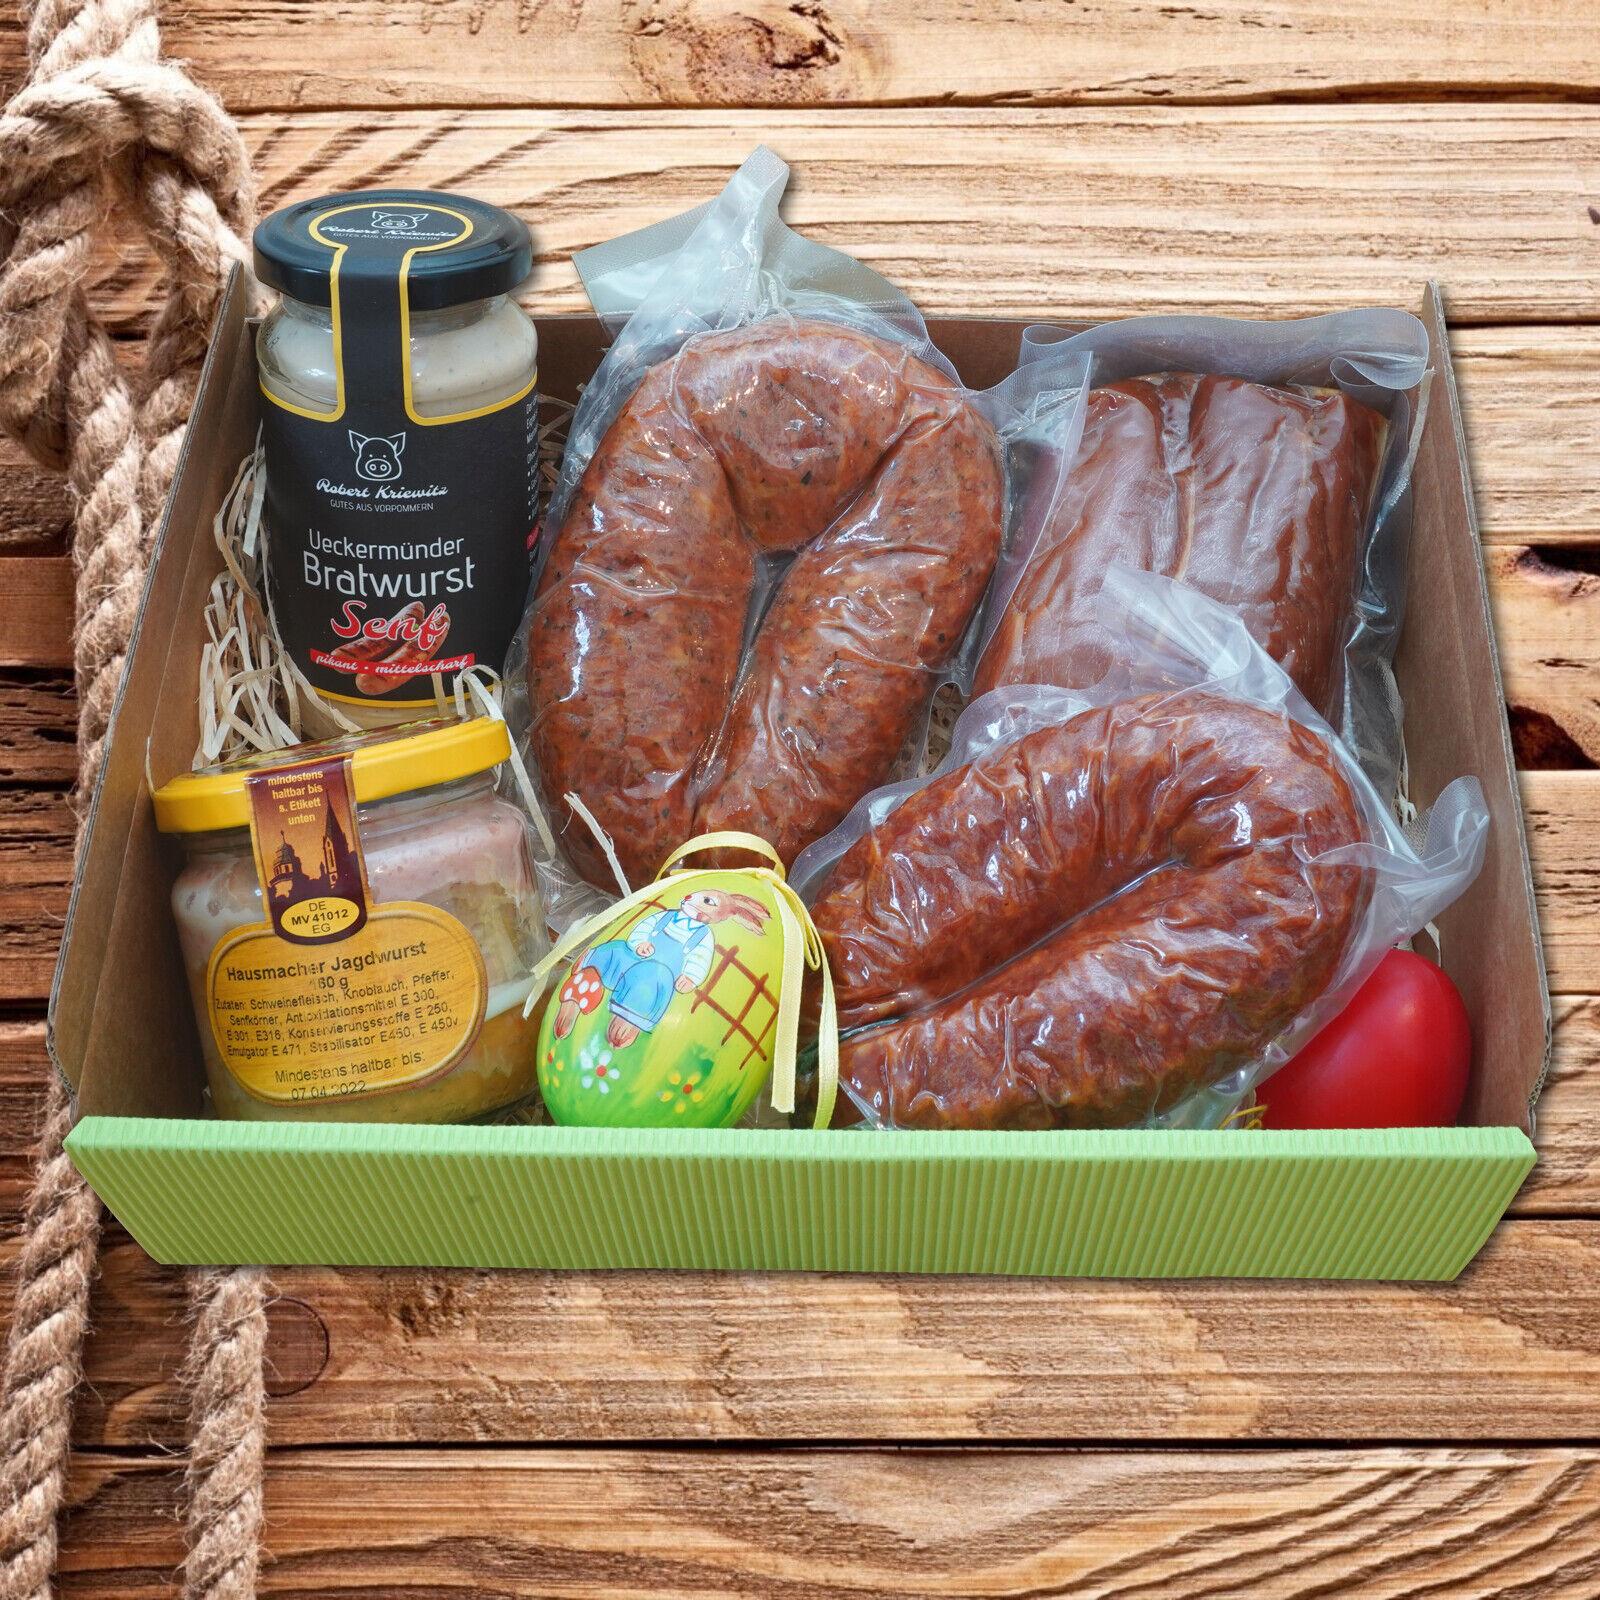 Präsentkorb Osterbox - Wurstkorb - Geschenkidee - Spezialitäten vom Erzeuger